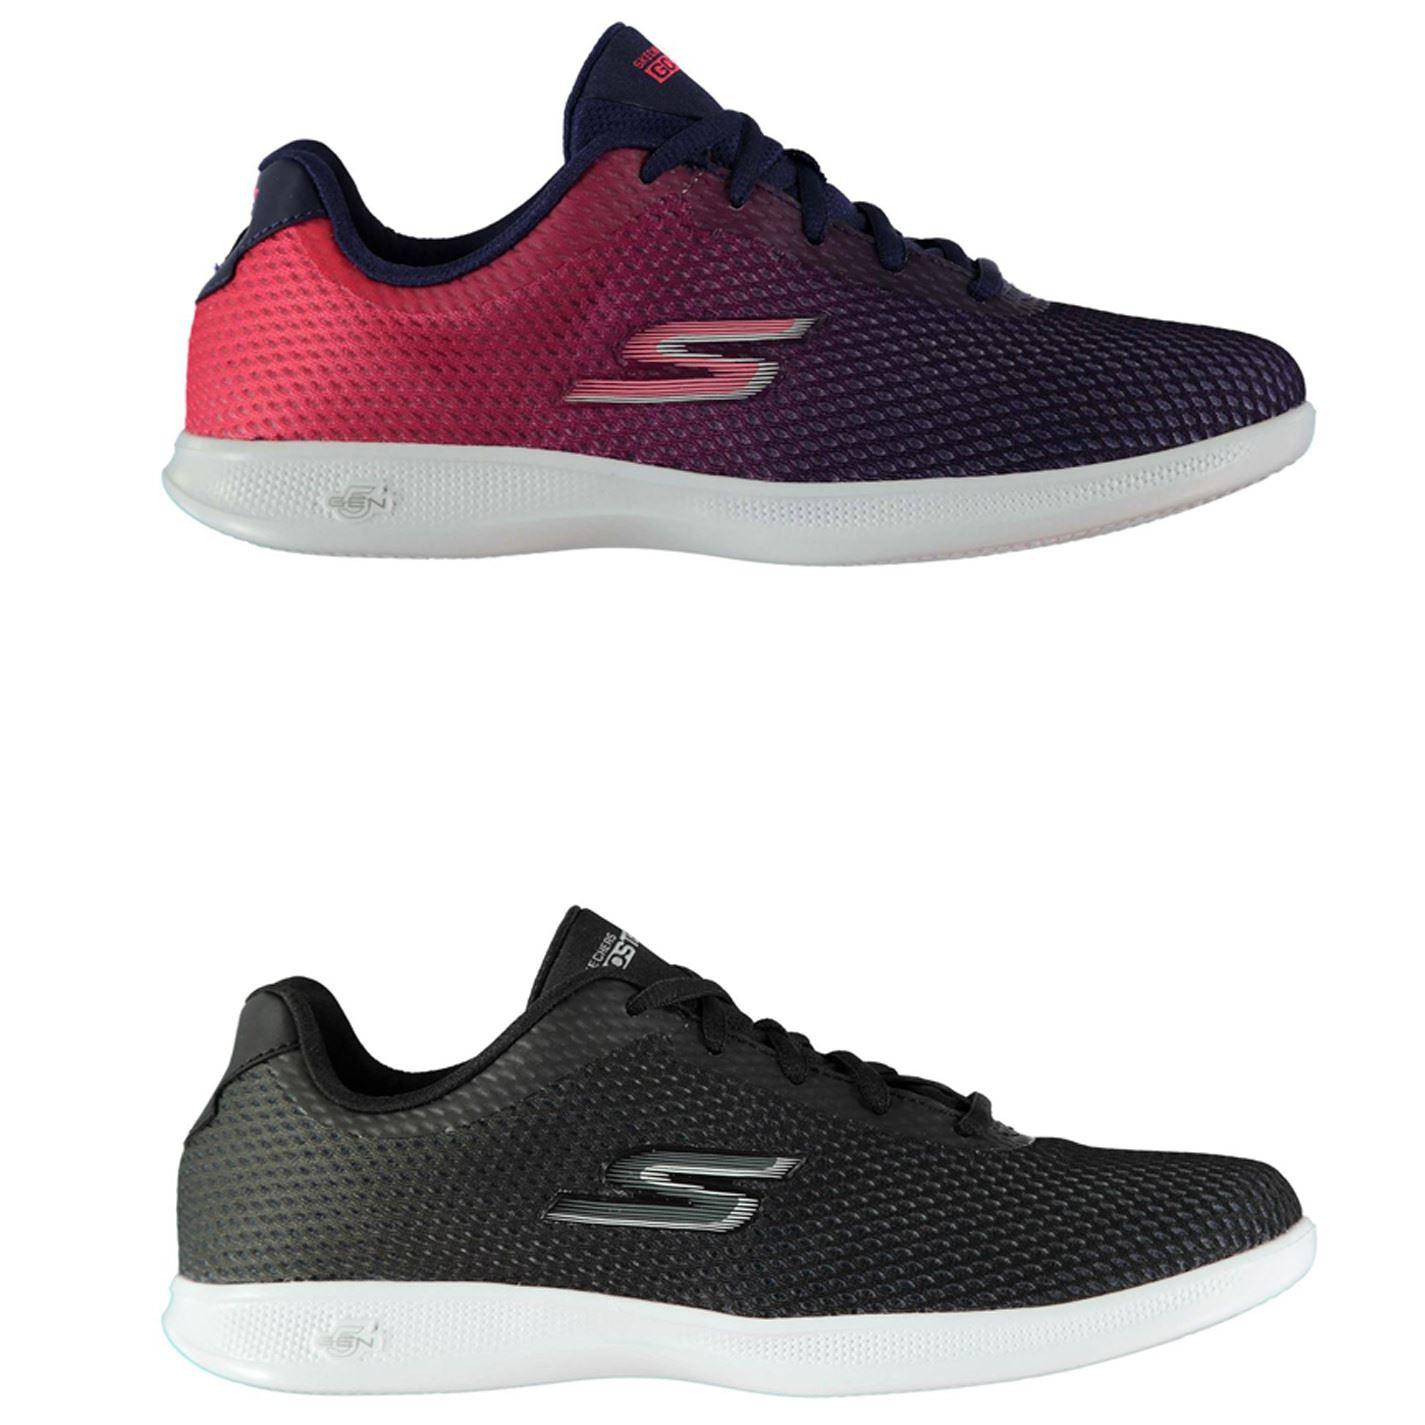 Detalles de Skechers Go Step Lite Zapatillas Zapatos de Mujer Mujer Calzado